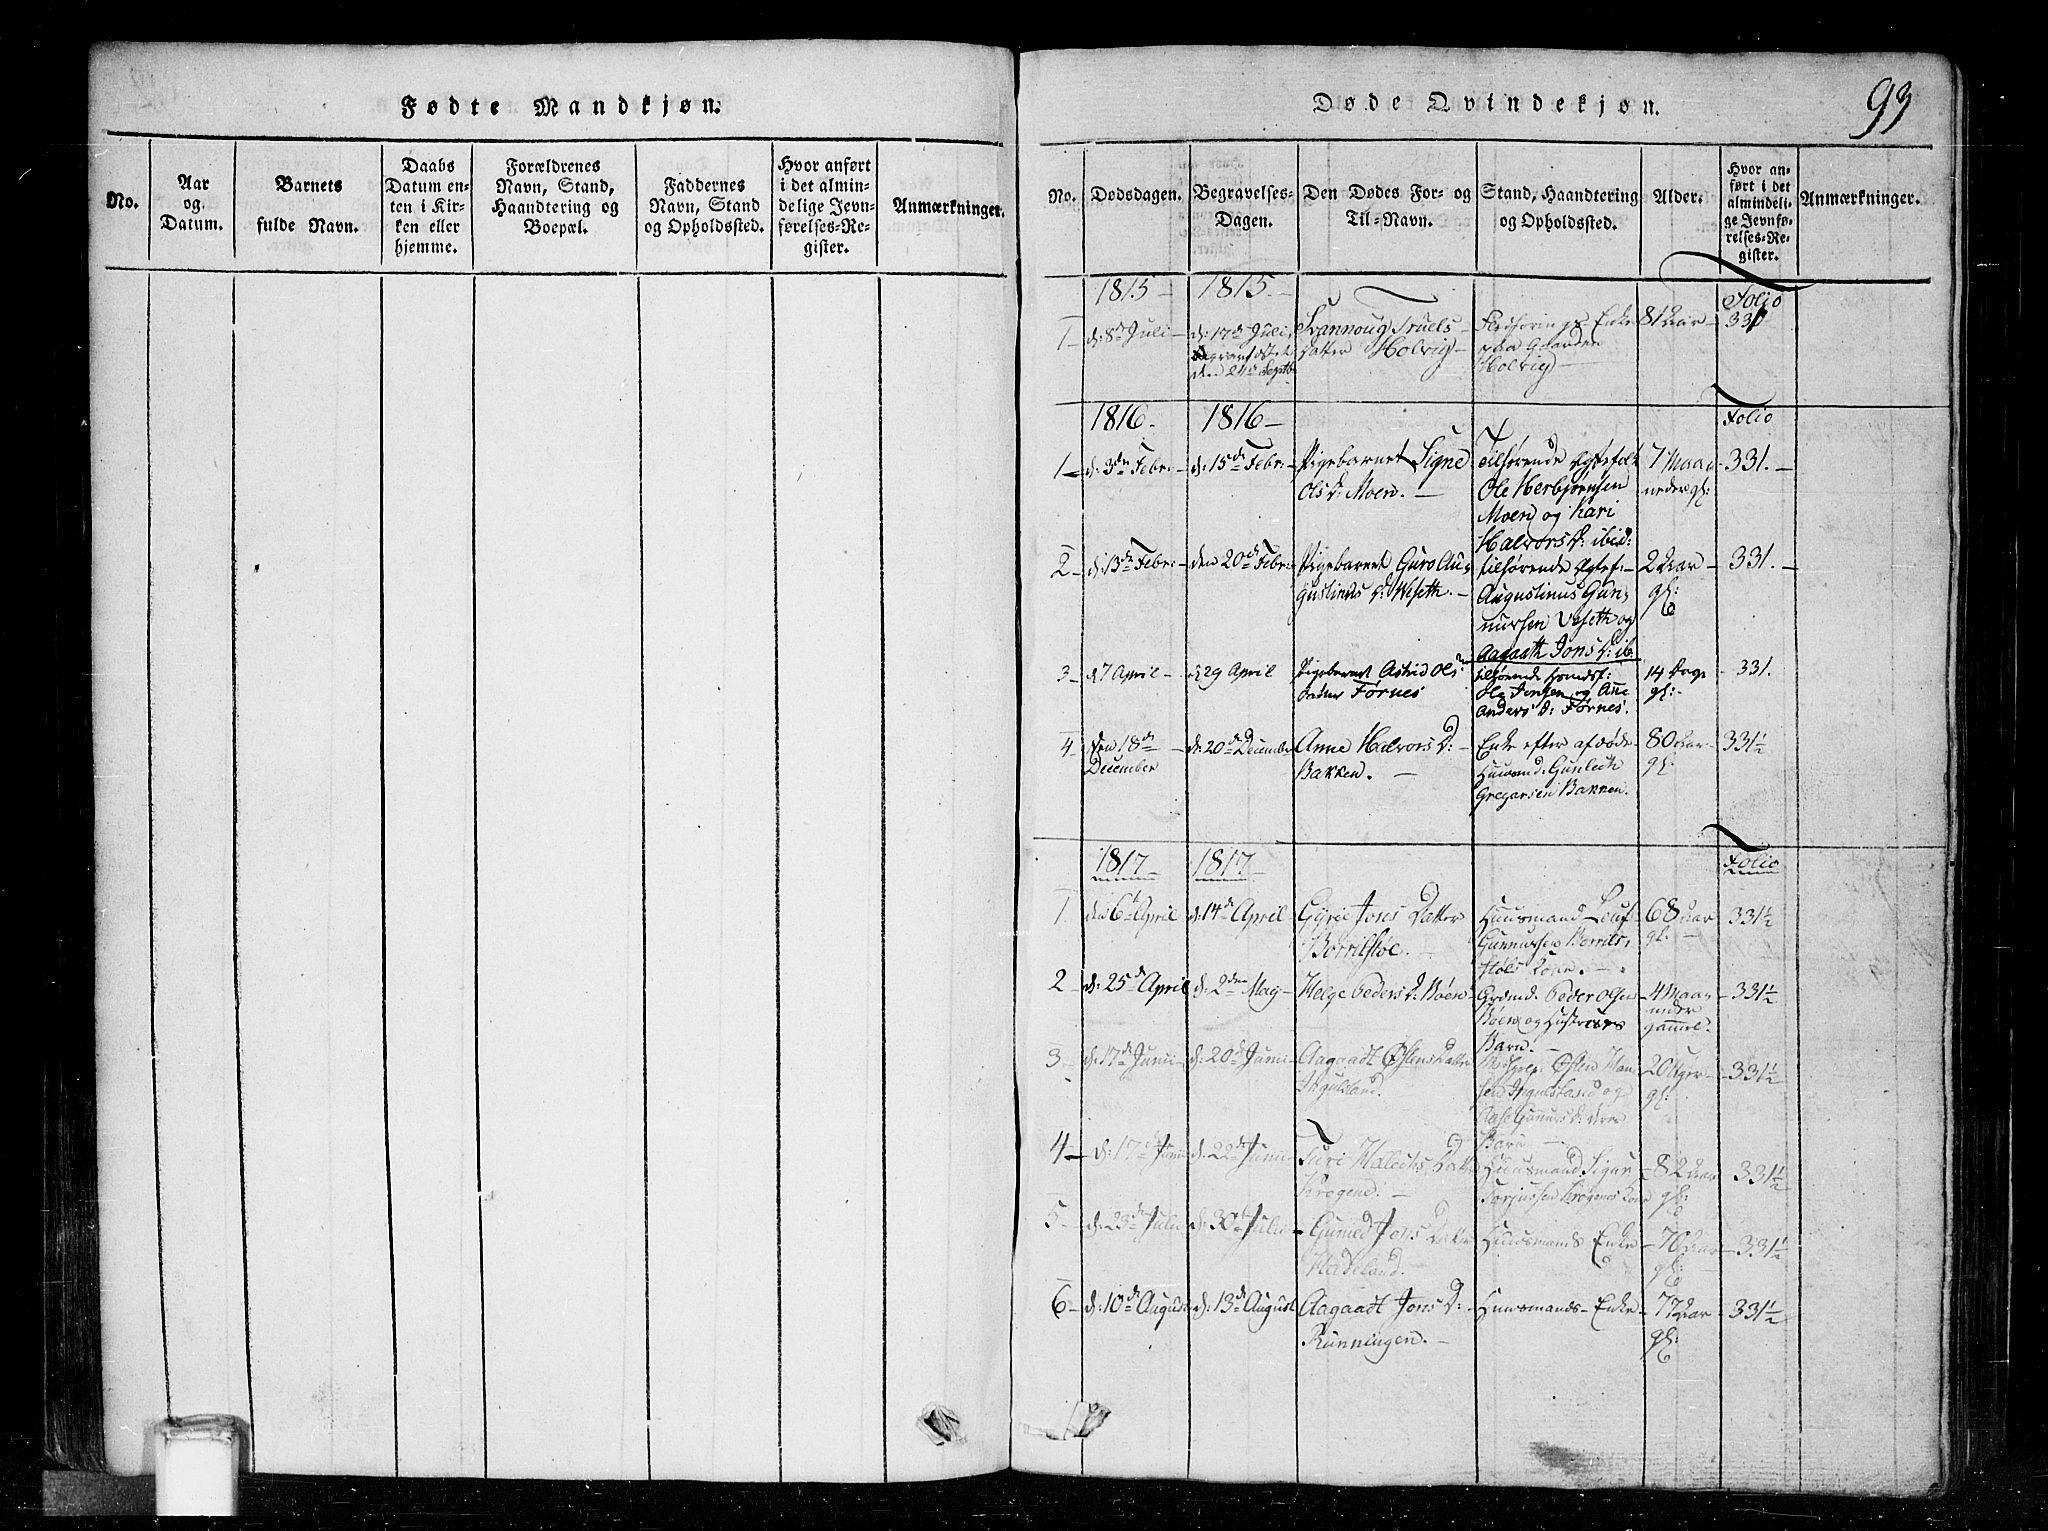 SAKO, Tinn kirkebøker, G/Gc/L0001: Klokkerbok nr. III 1, 1815-1879, s. 93